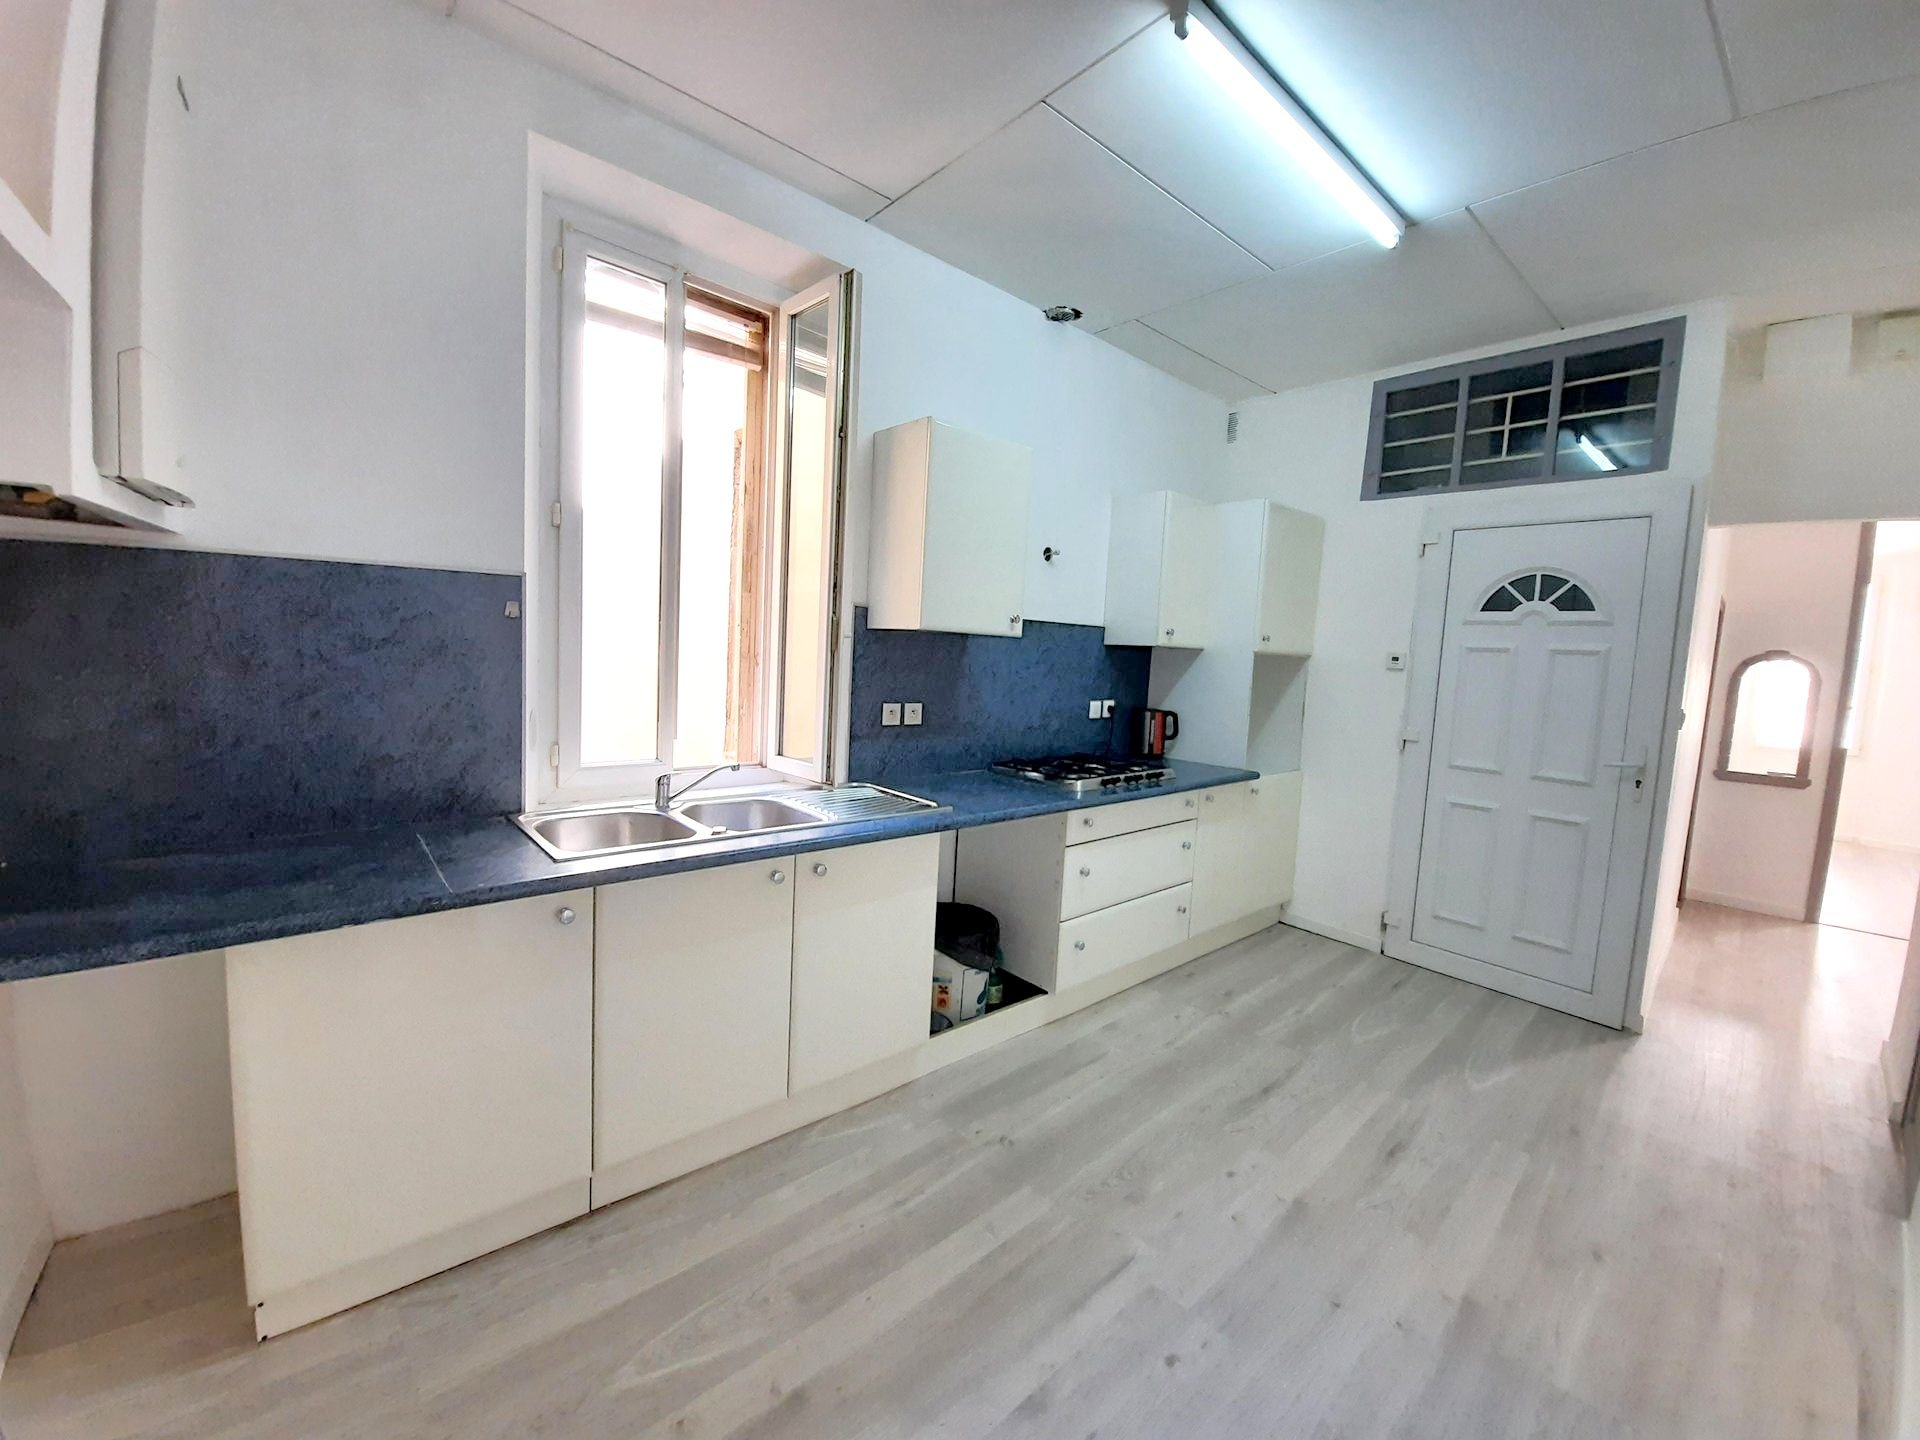 Duplex 4 pièces 63 m² au coeur de La Ciotat.